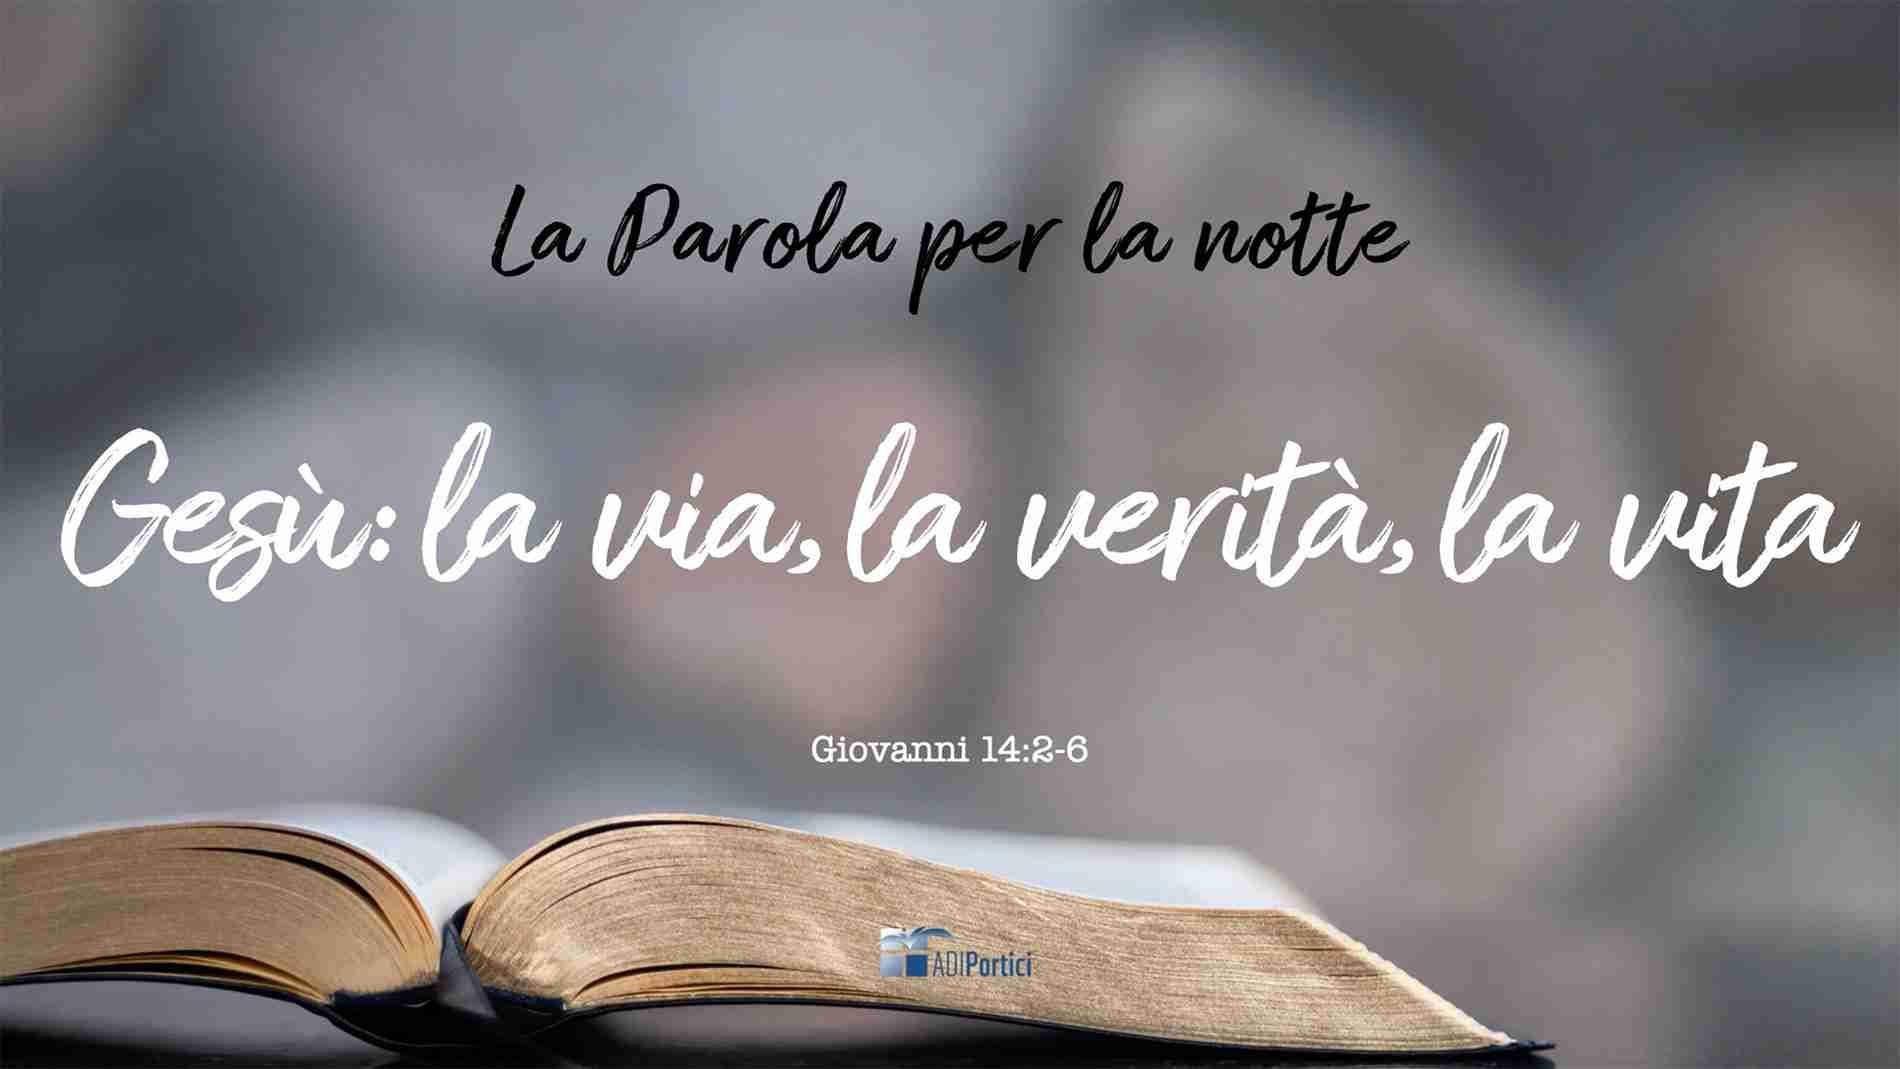 3. Gesù, la via, la verità e la vita